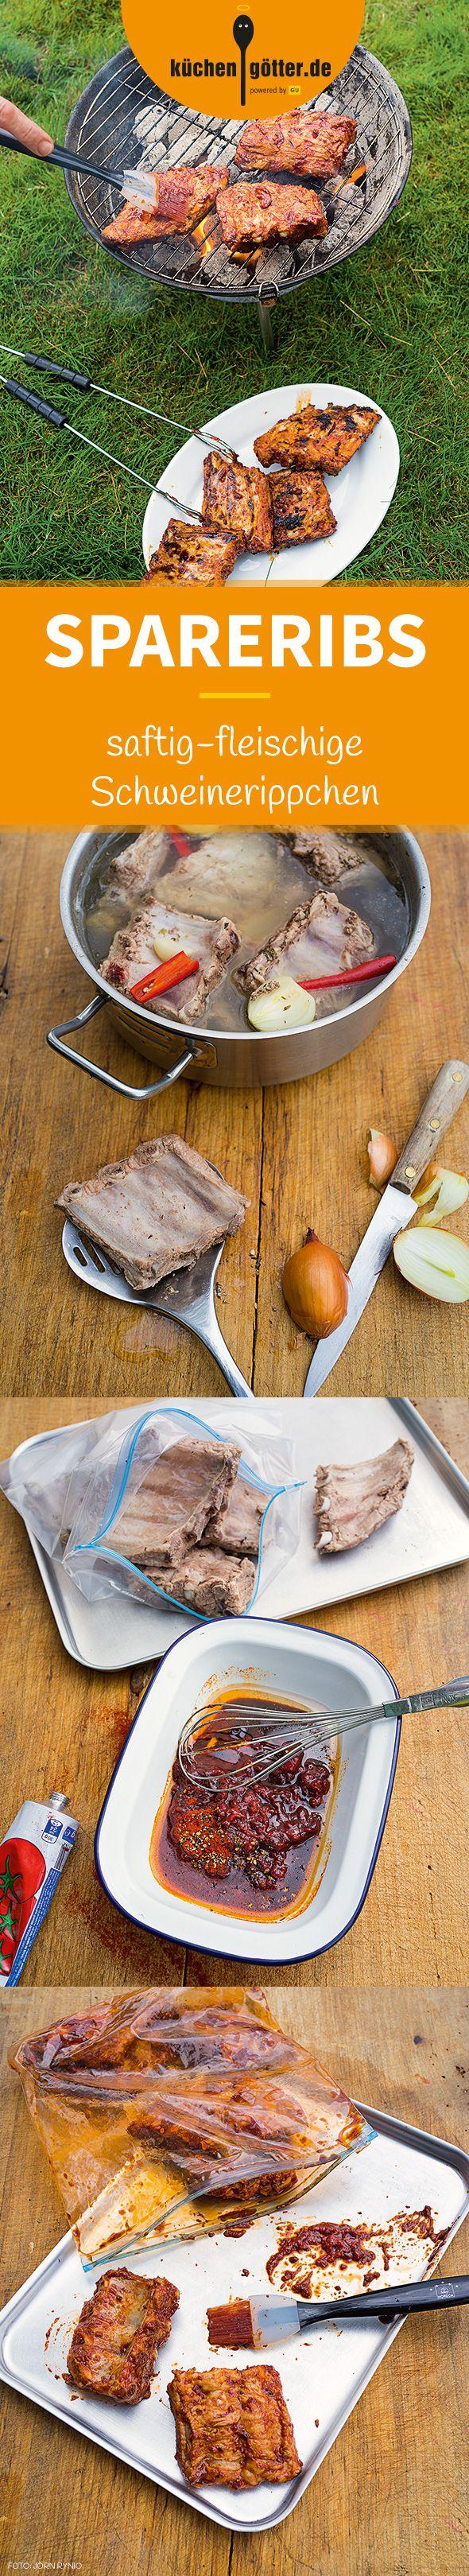 SPARERIBS - Unsere Rippchen werden bei diesem Rezept vorgekocht und für eine Nacht in würzige Marinade eingelegt. Nicht typisch Texas, aber das knusprig-saftige Ergebnis spricht für sich!